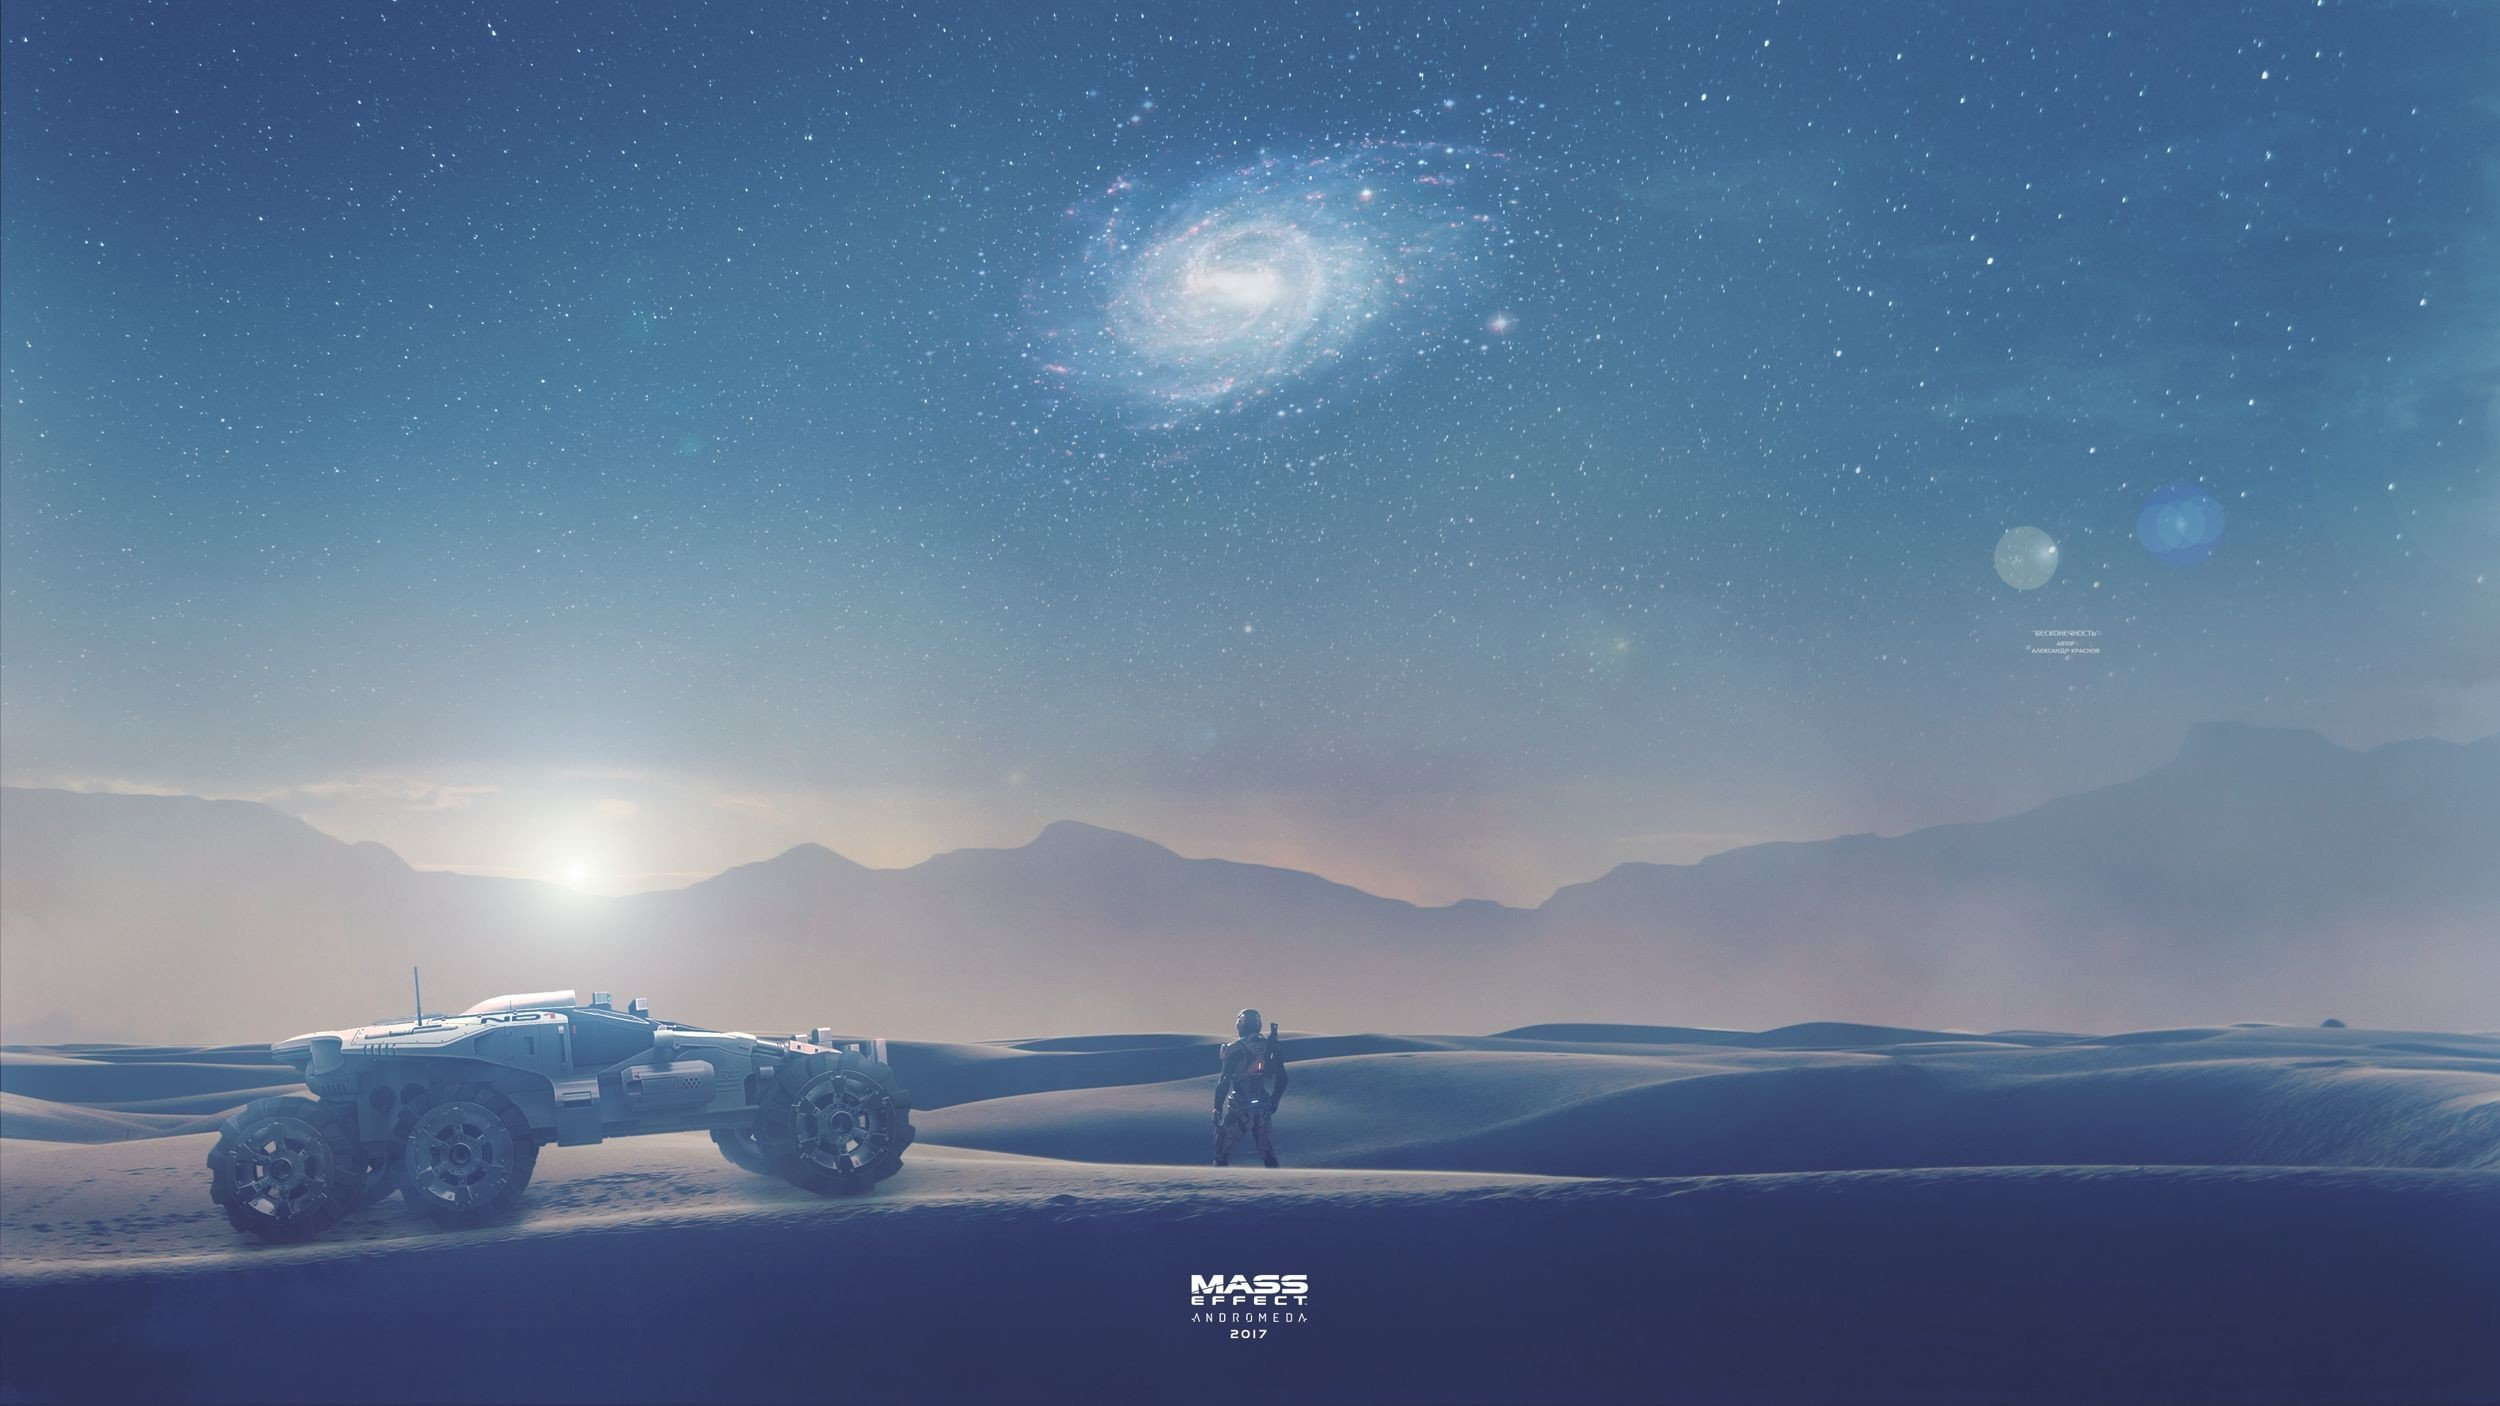 Mass Effect: Andromeda, Mass Effect, Video games Wallpaper